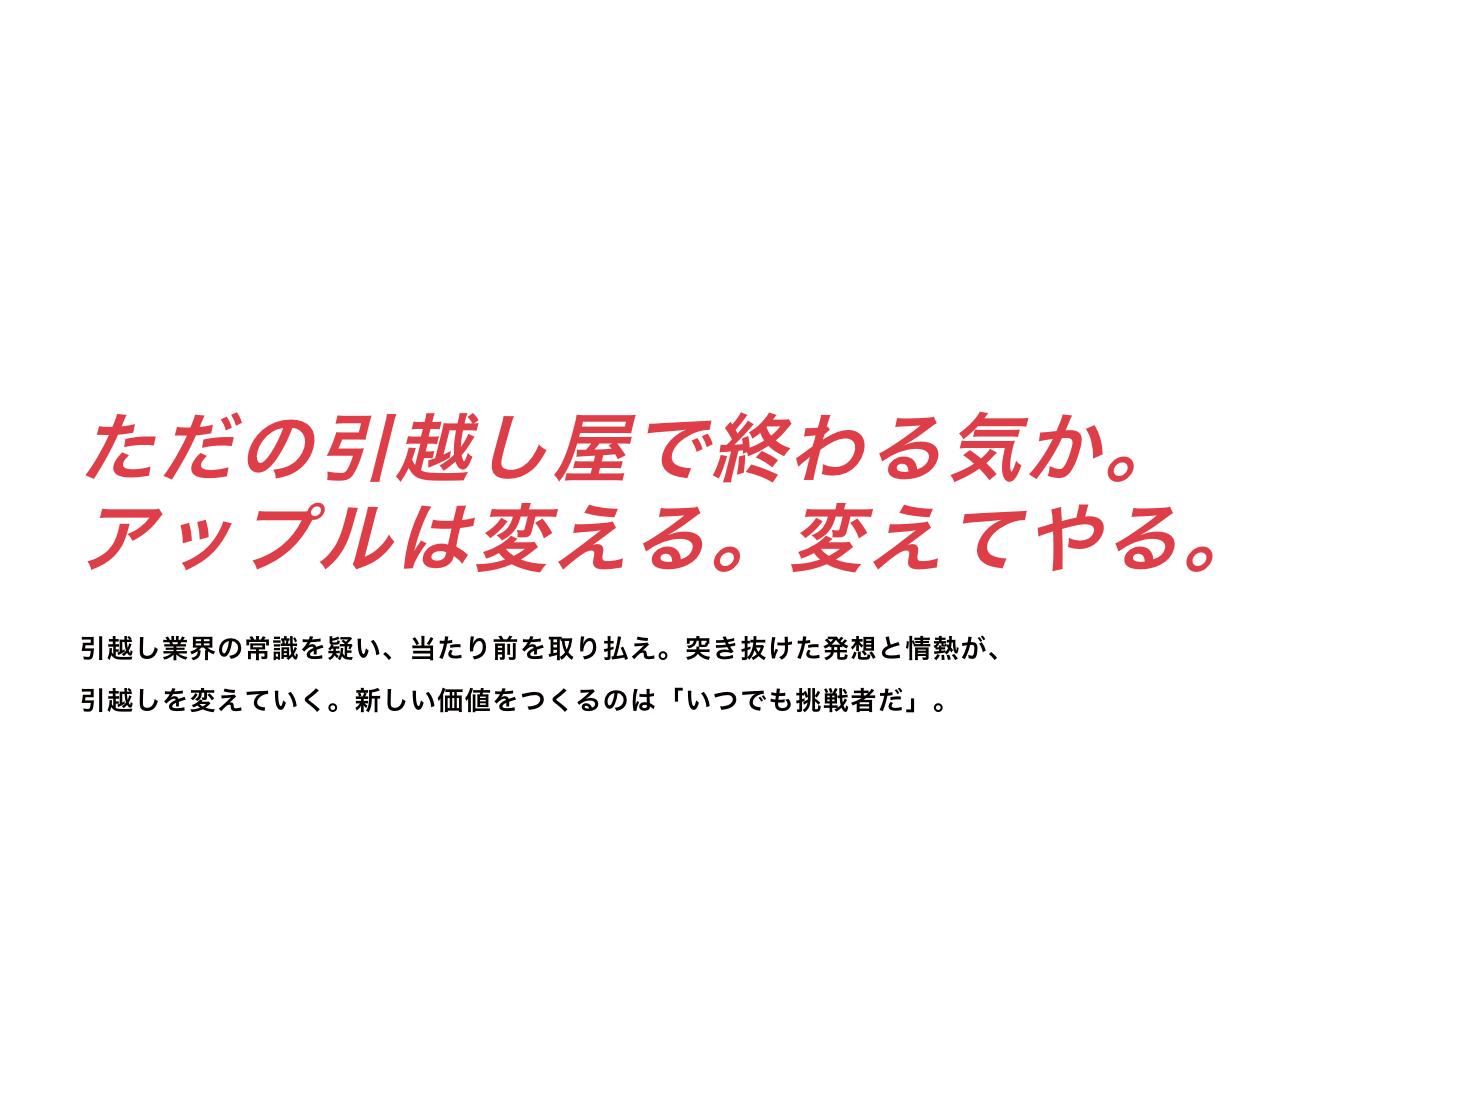 株式会社アップル